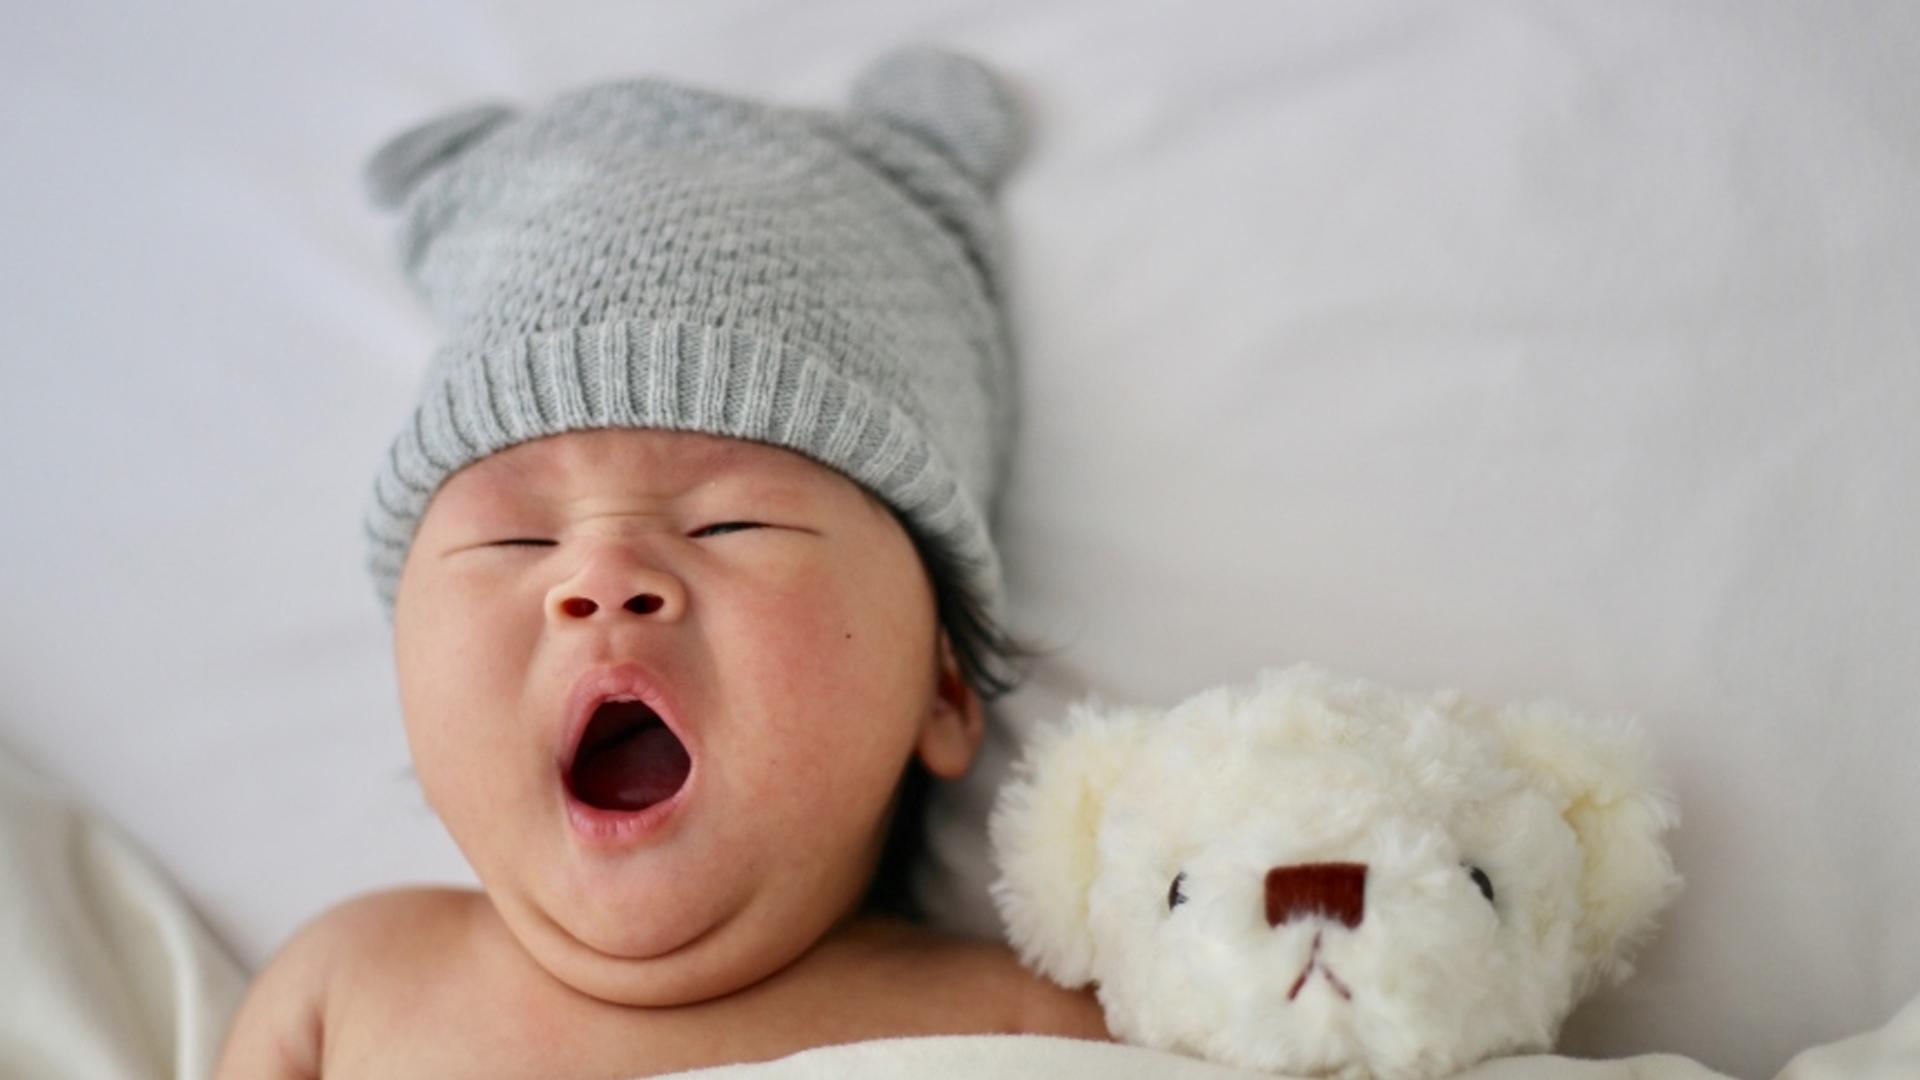 La dermatitis atópica en bebés: causas, síntomas, tratamientos y cuidados